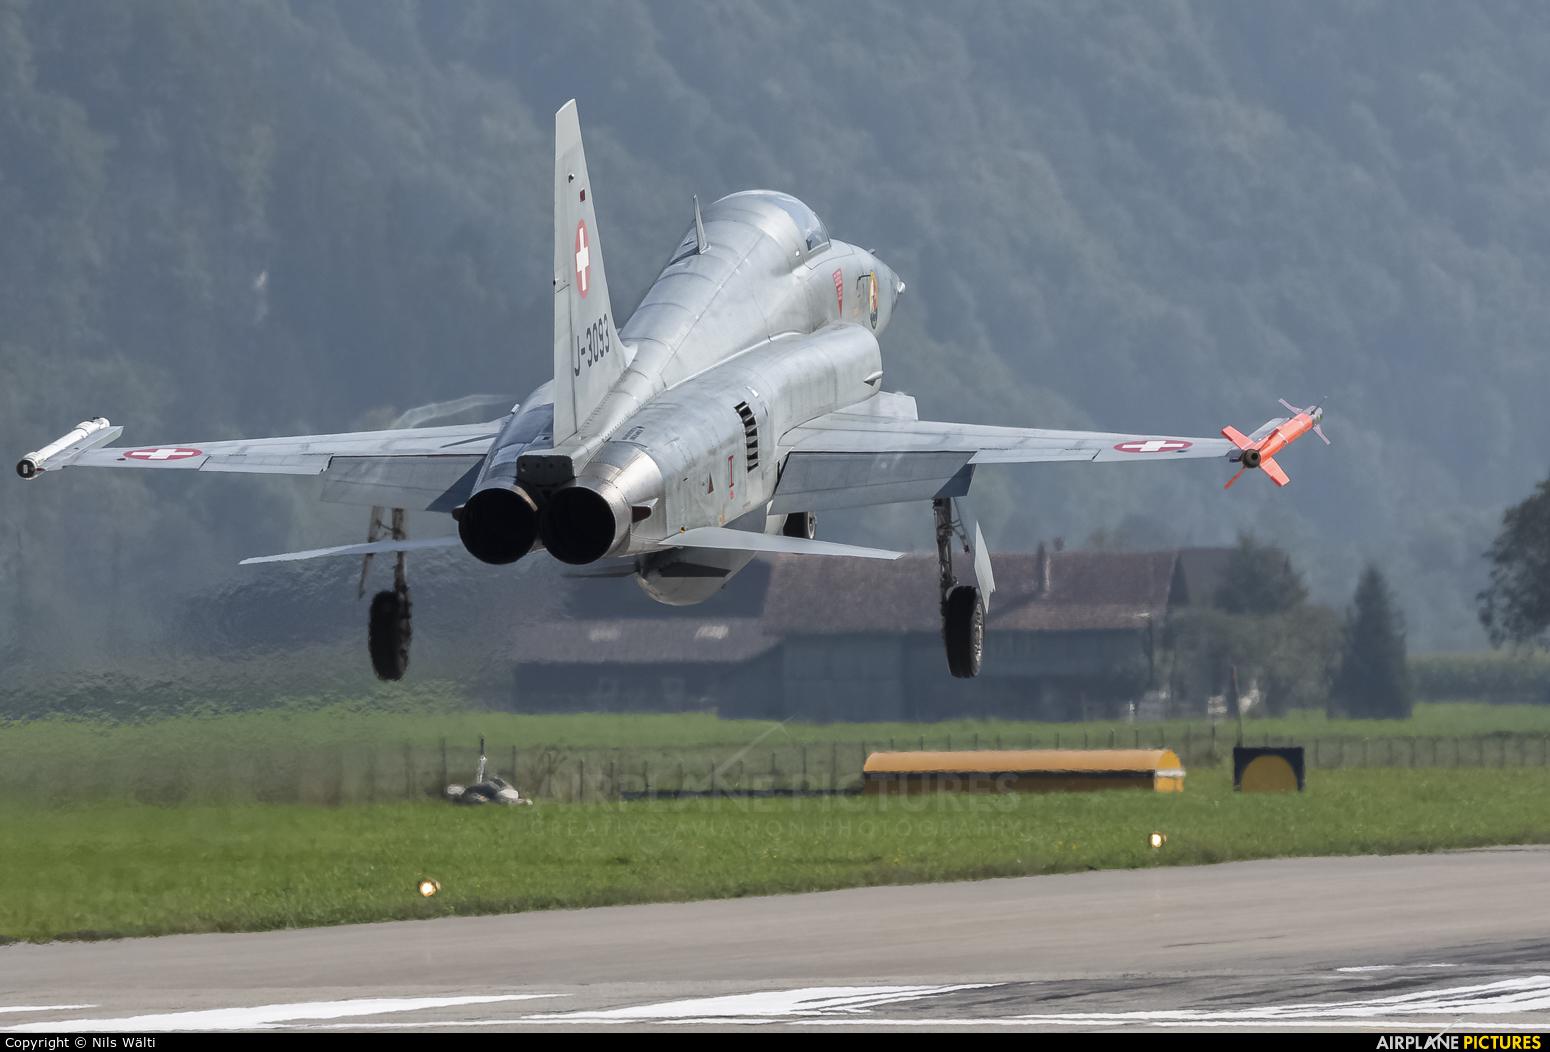 Switzerland - Air Force J-3093 aircraft at Meiringen